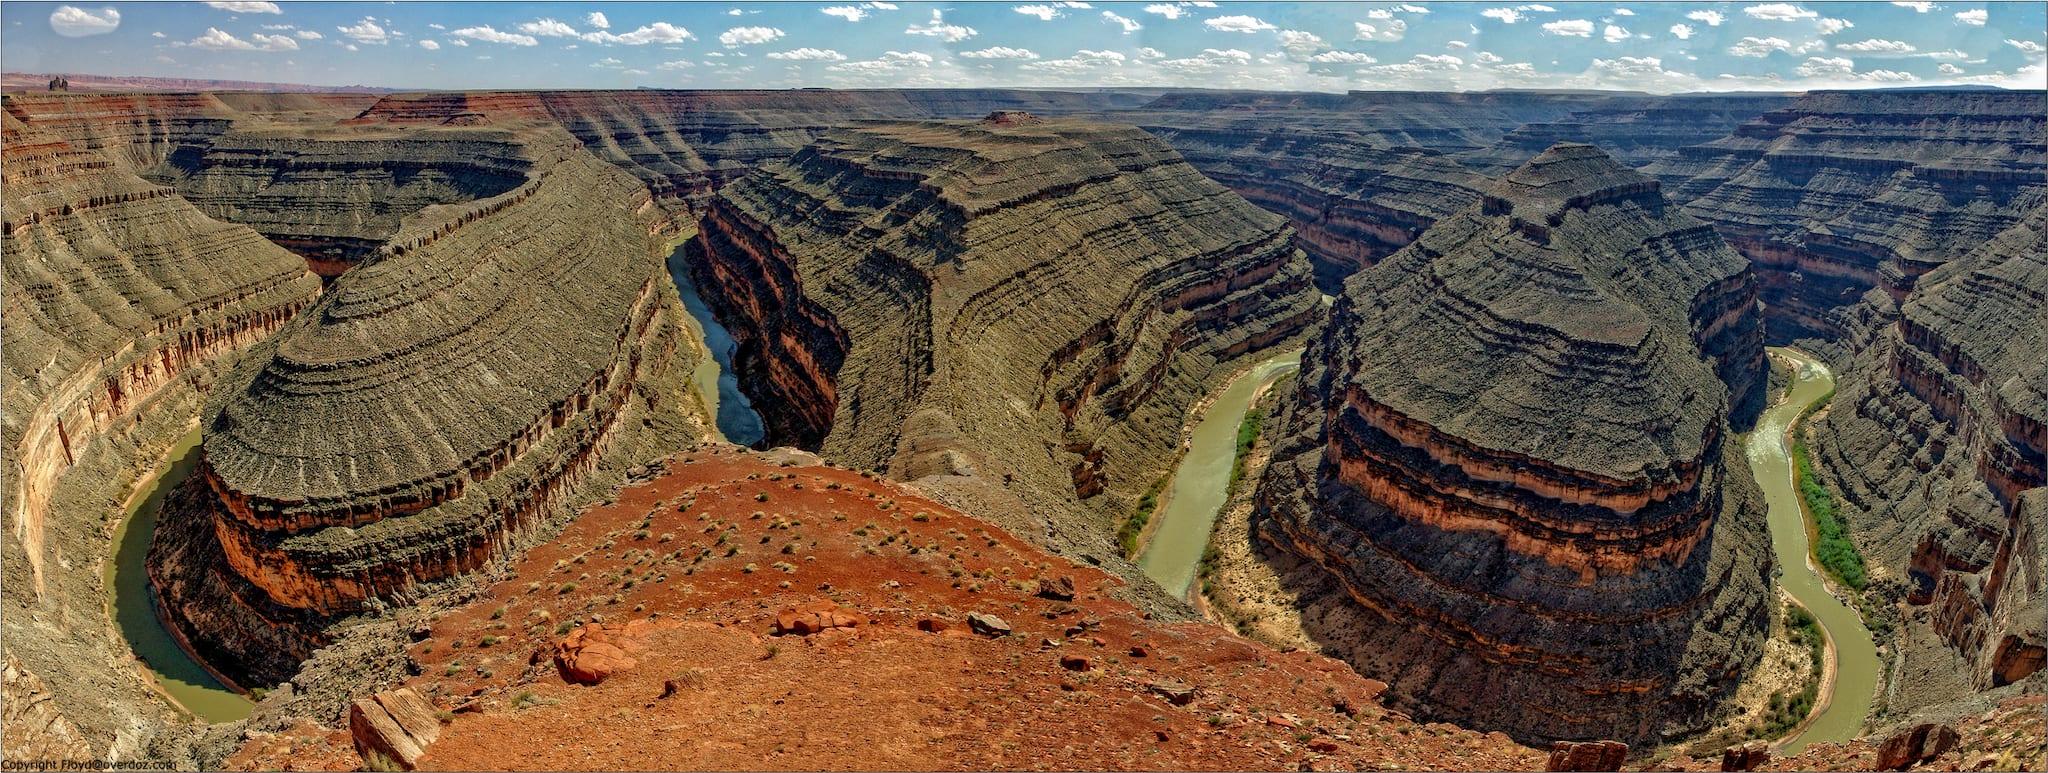 Goosenecks State Park San Juan River Overlook Utah